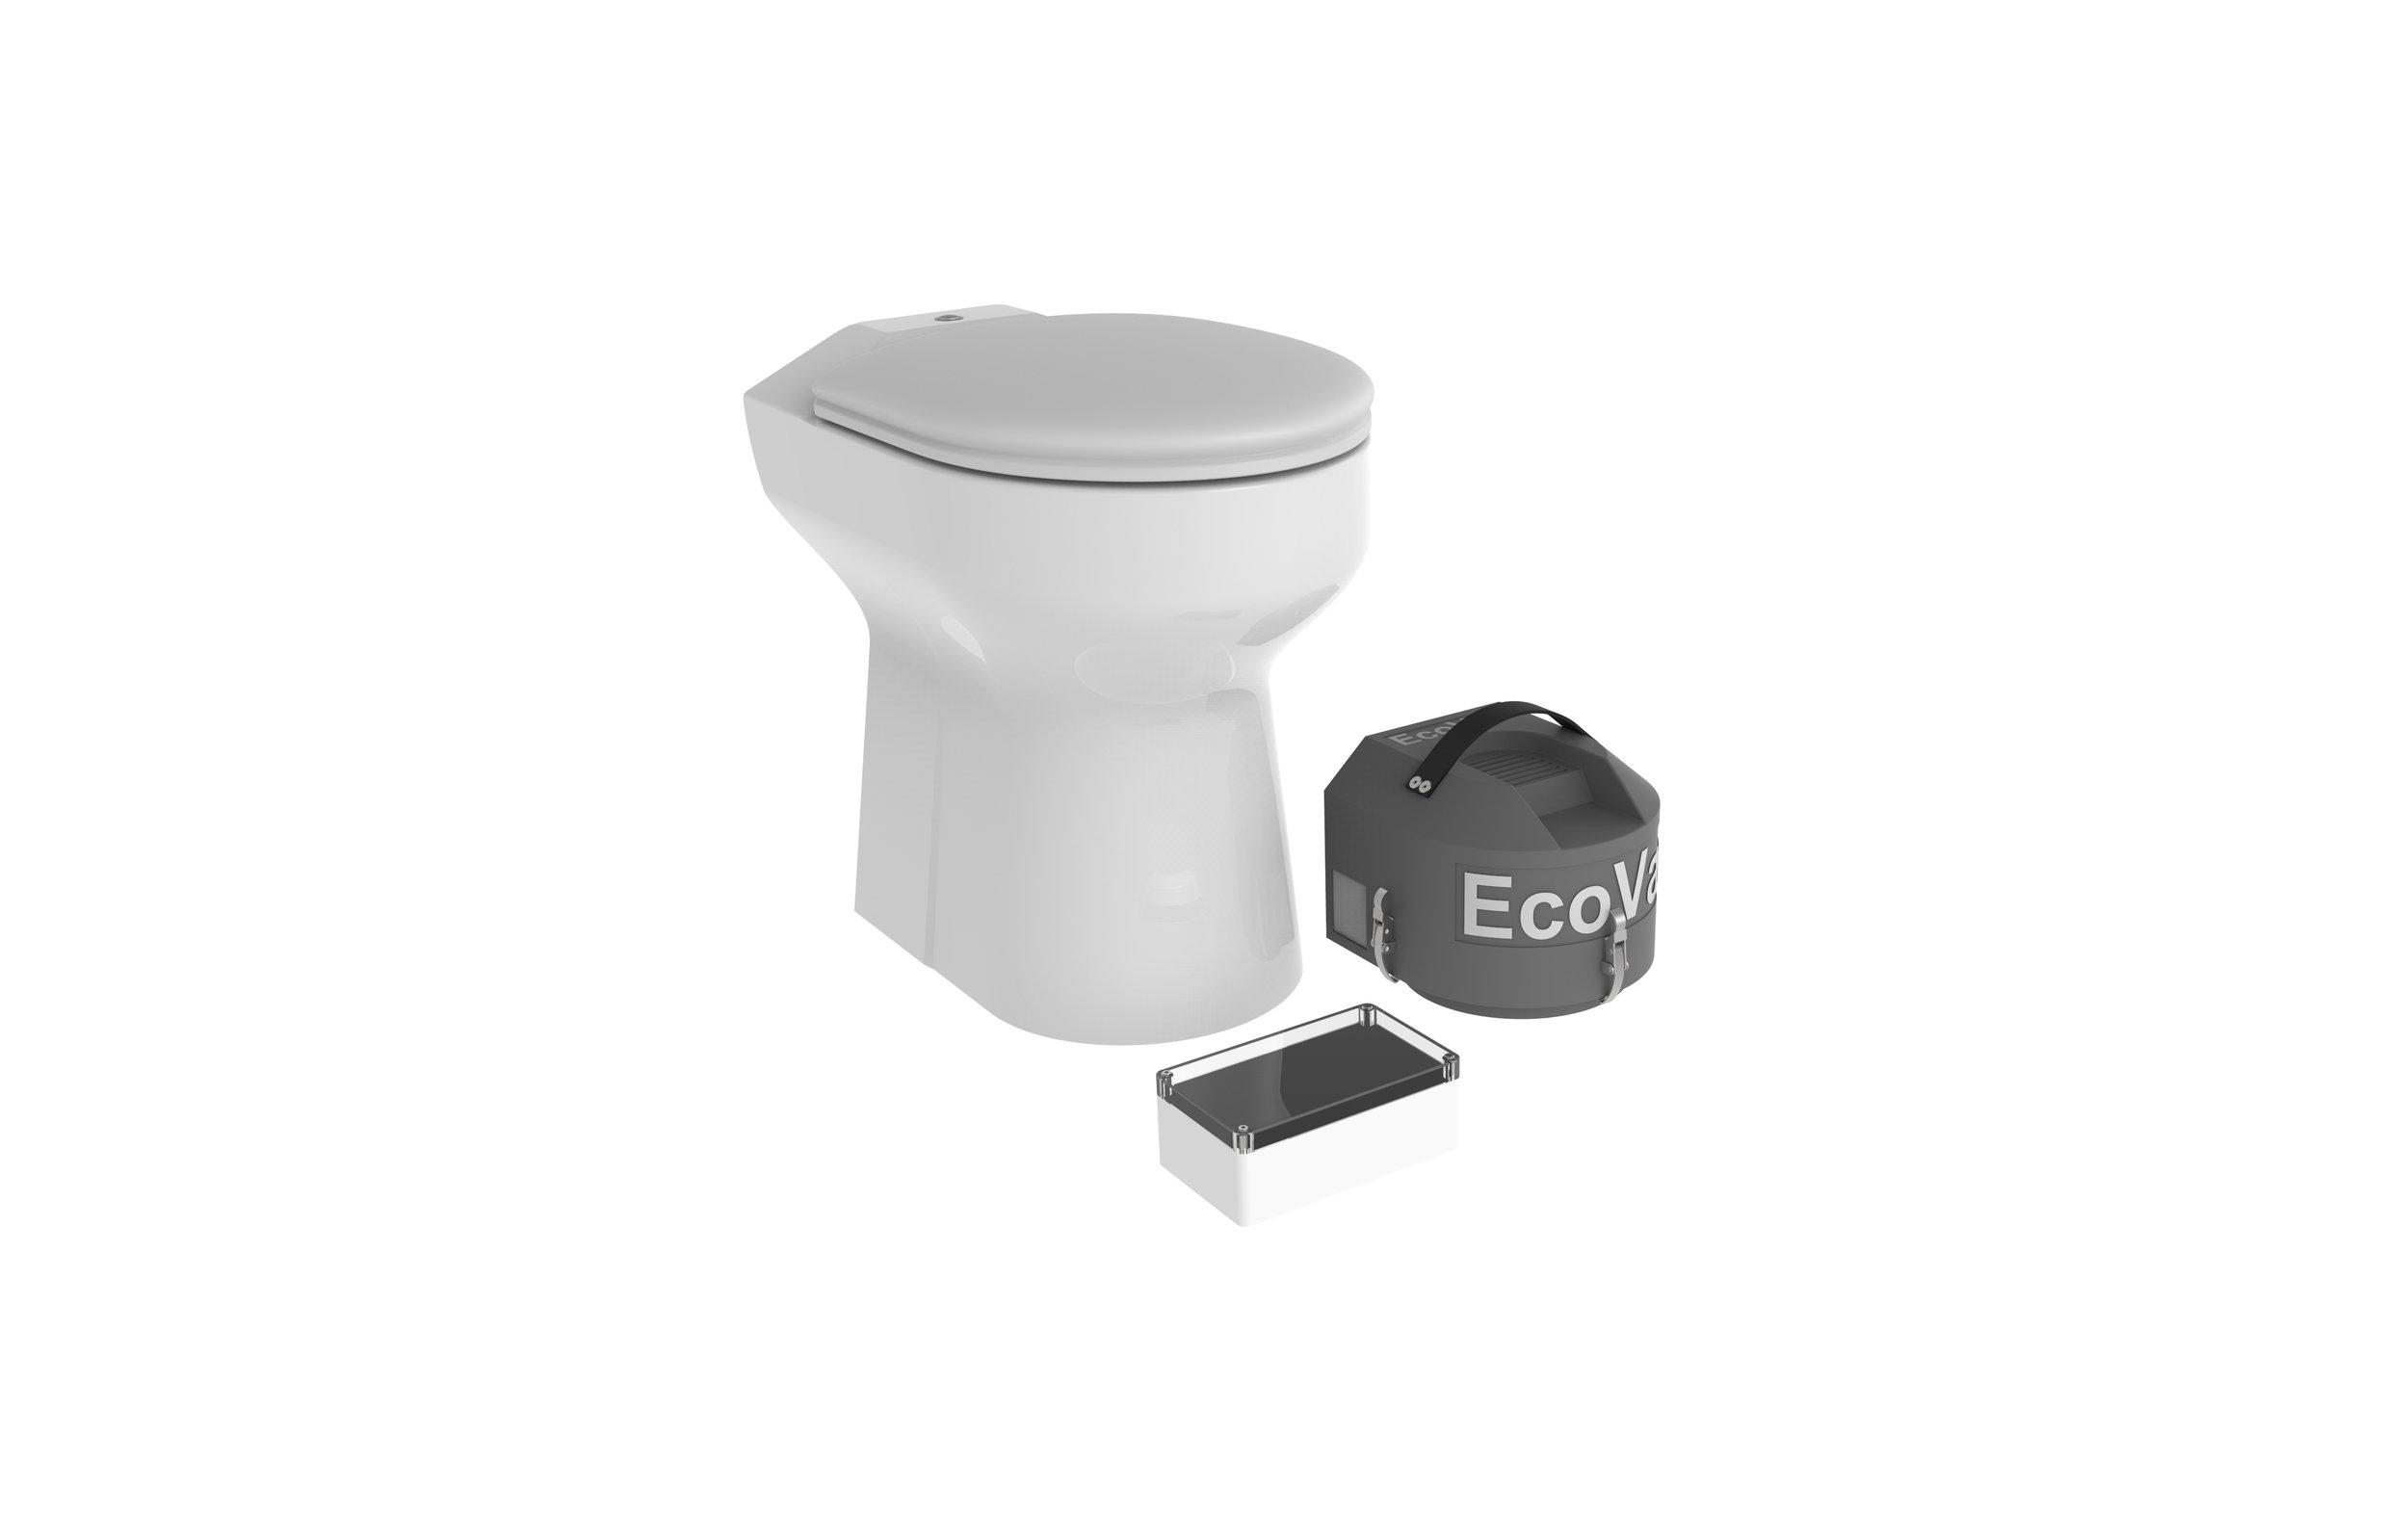 Ecovac grund utan tank.jpg